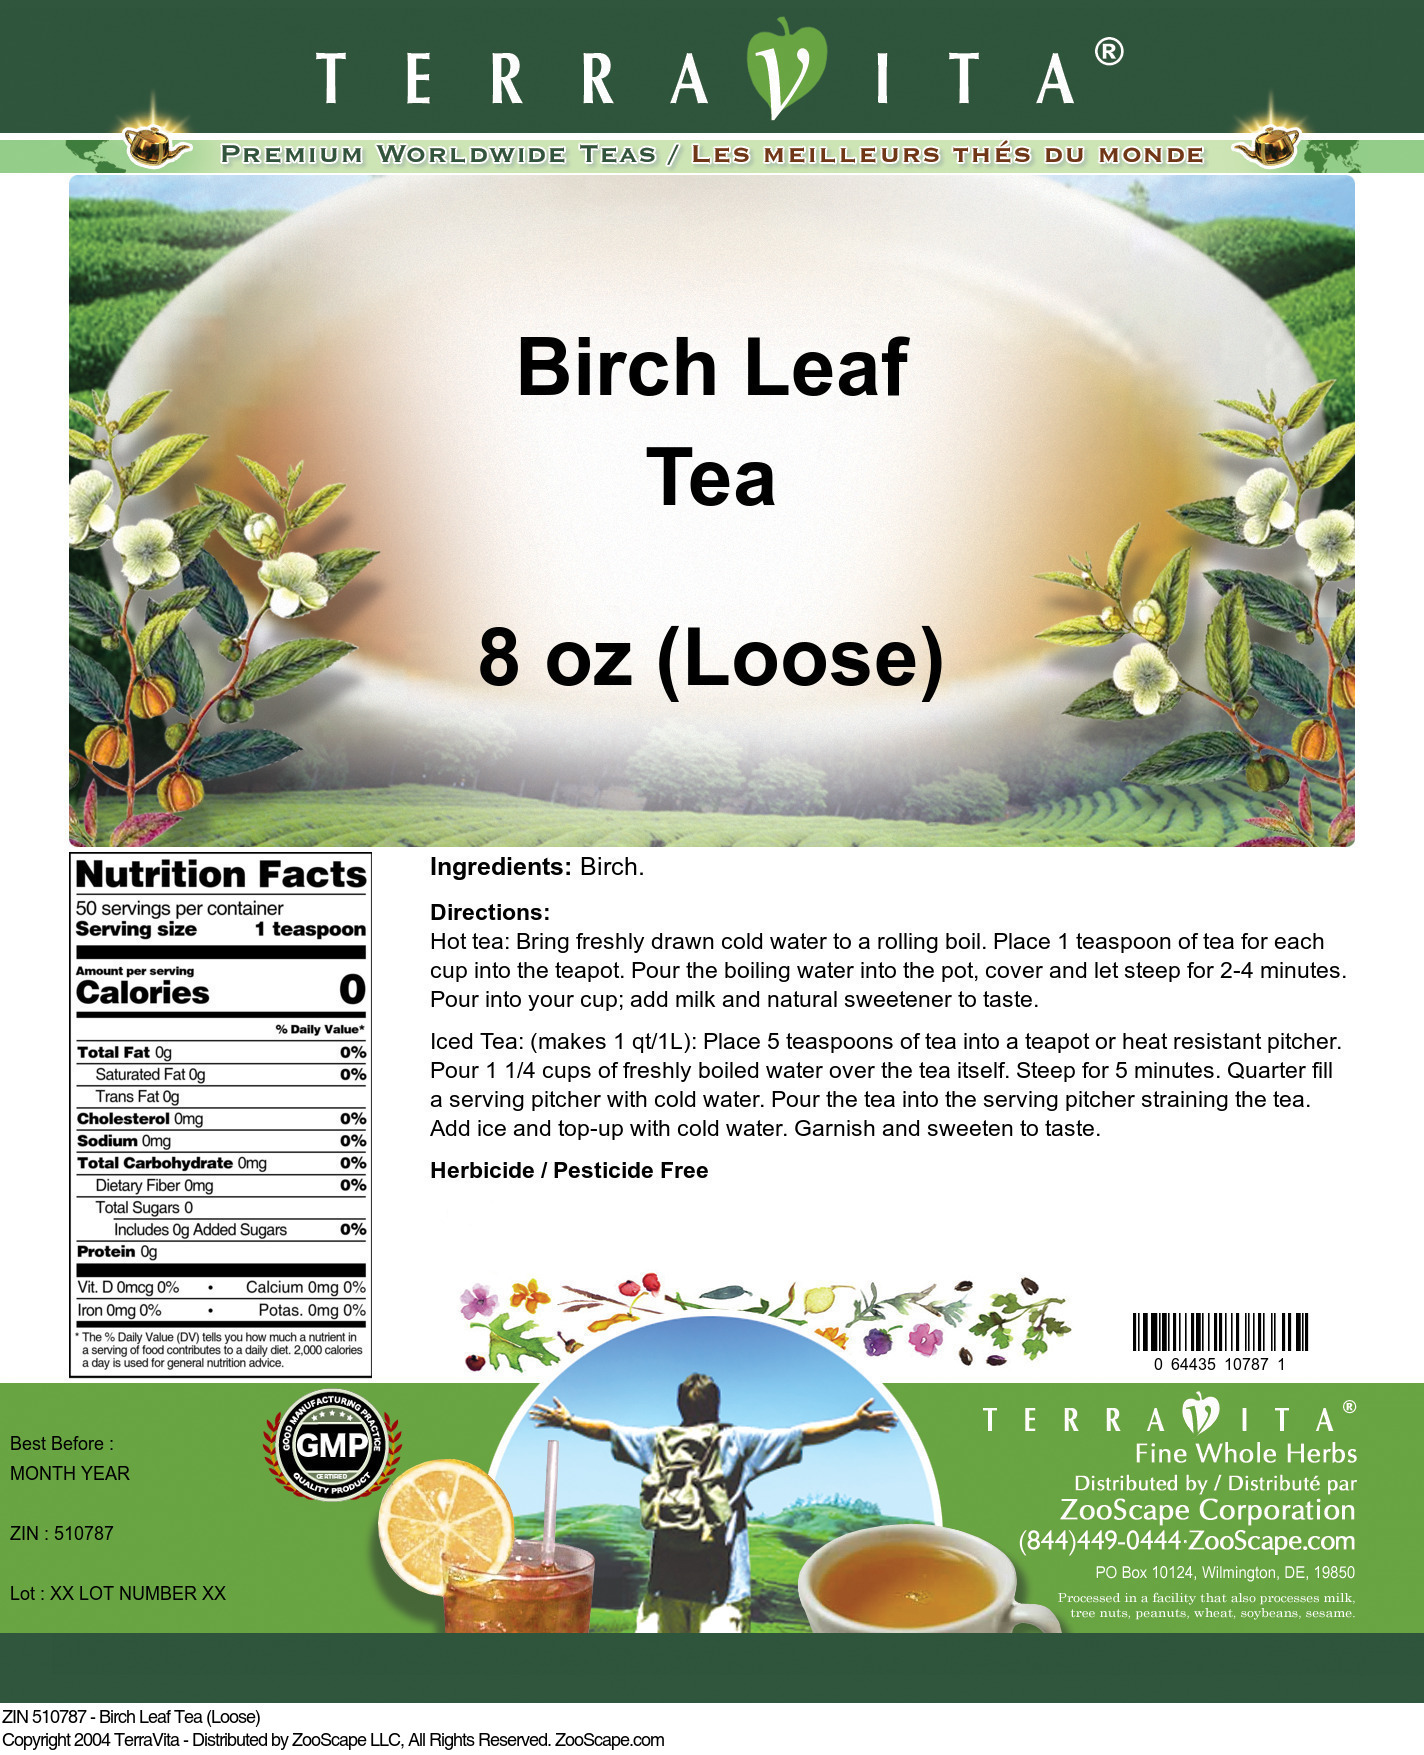 Birch Leaf Tea (Loose)